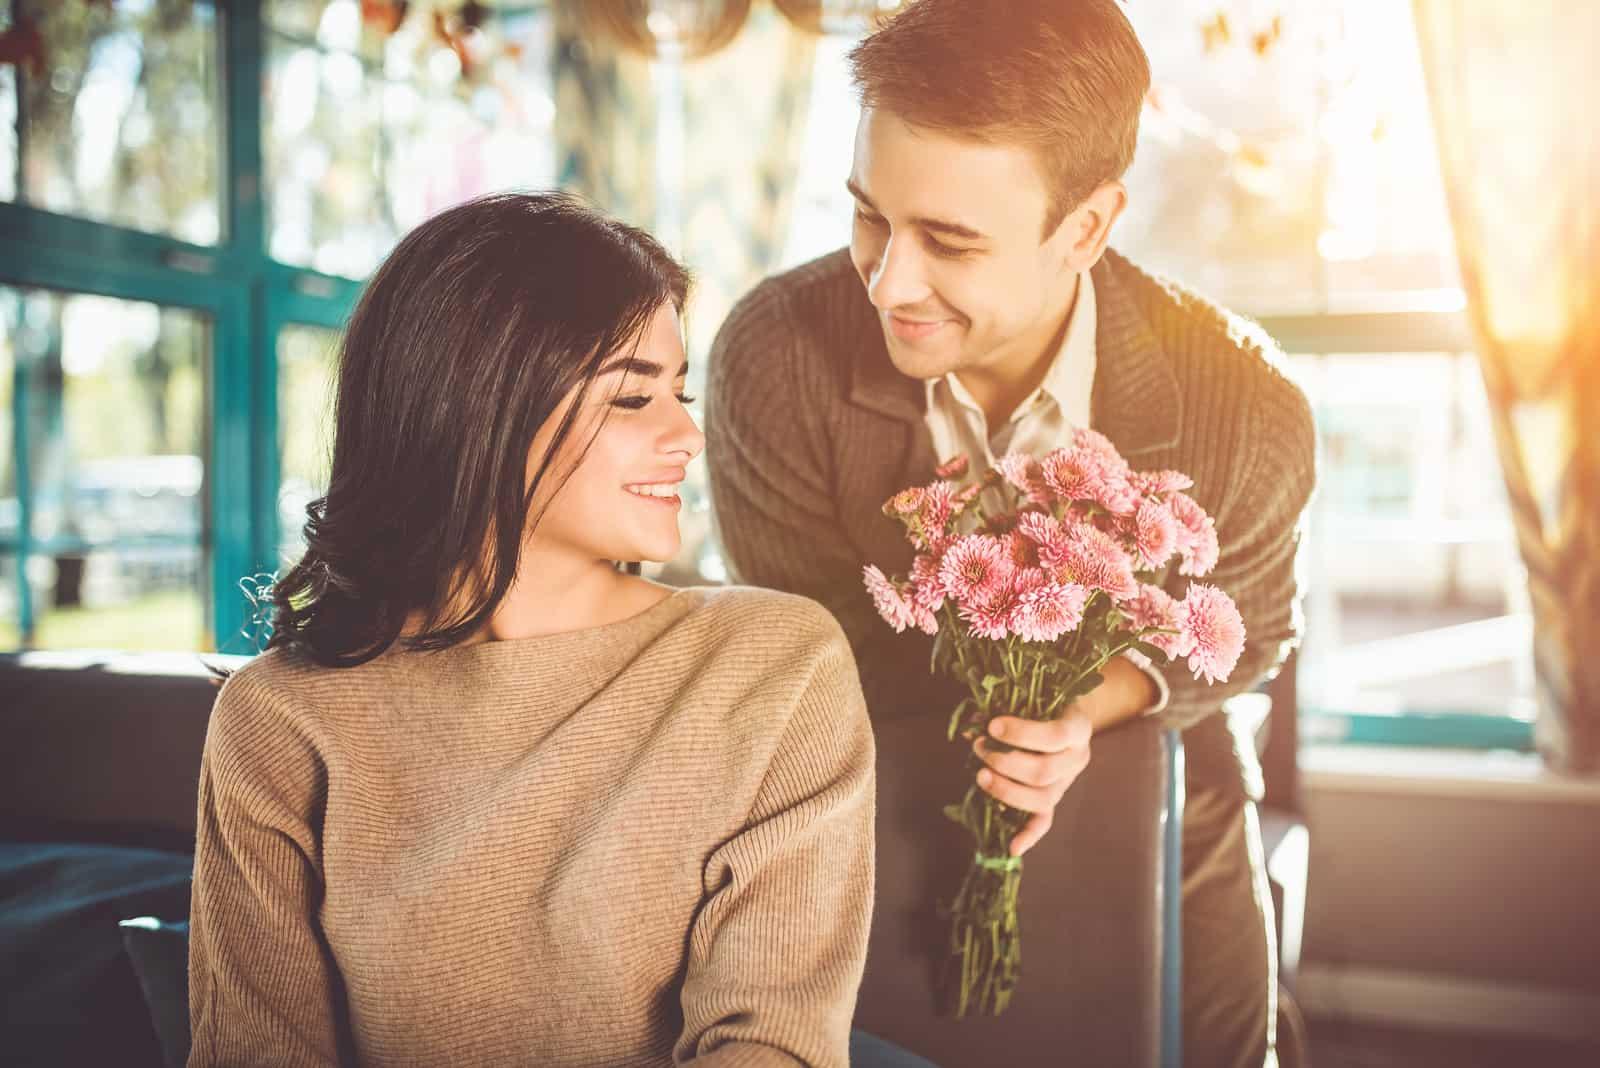 Der glückliche Mann, der im Restaurant Blumen für eine Frau schenkt